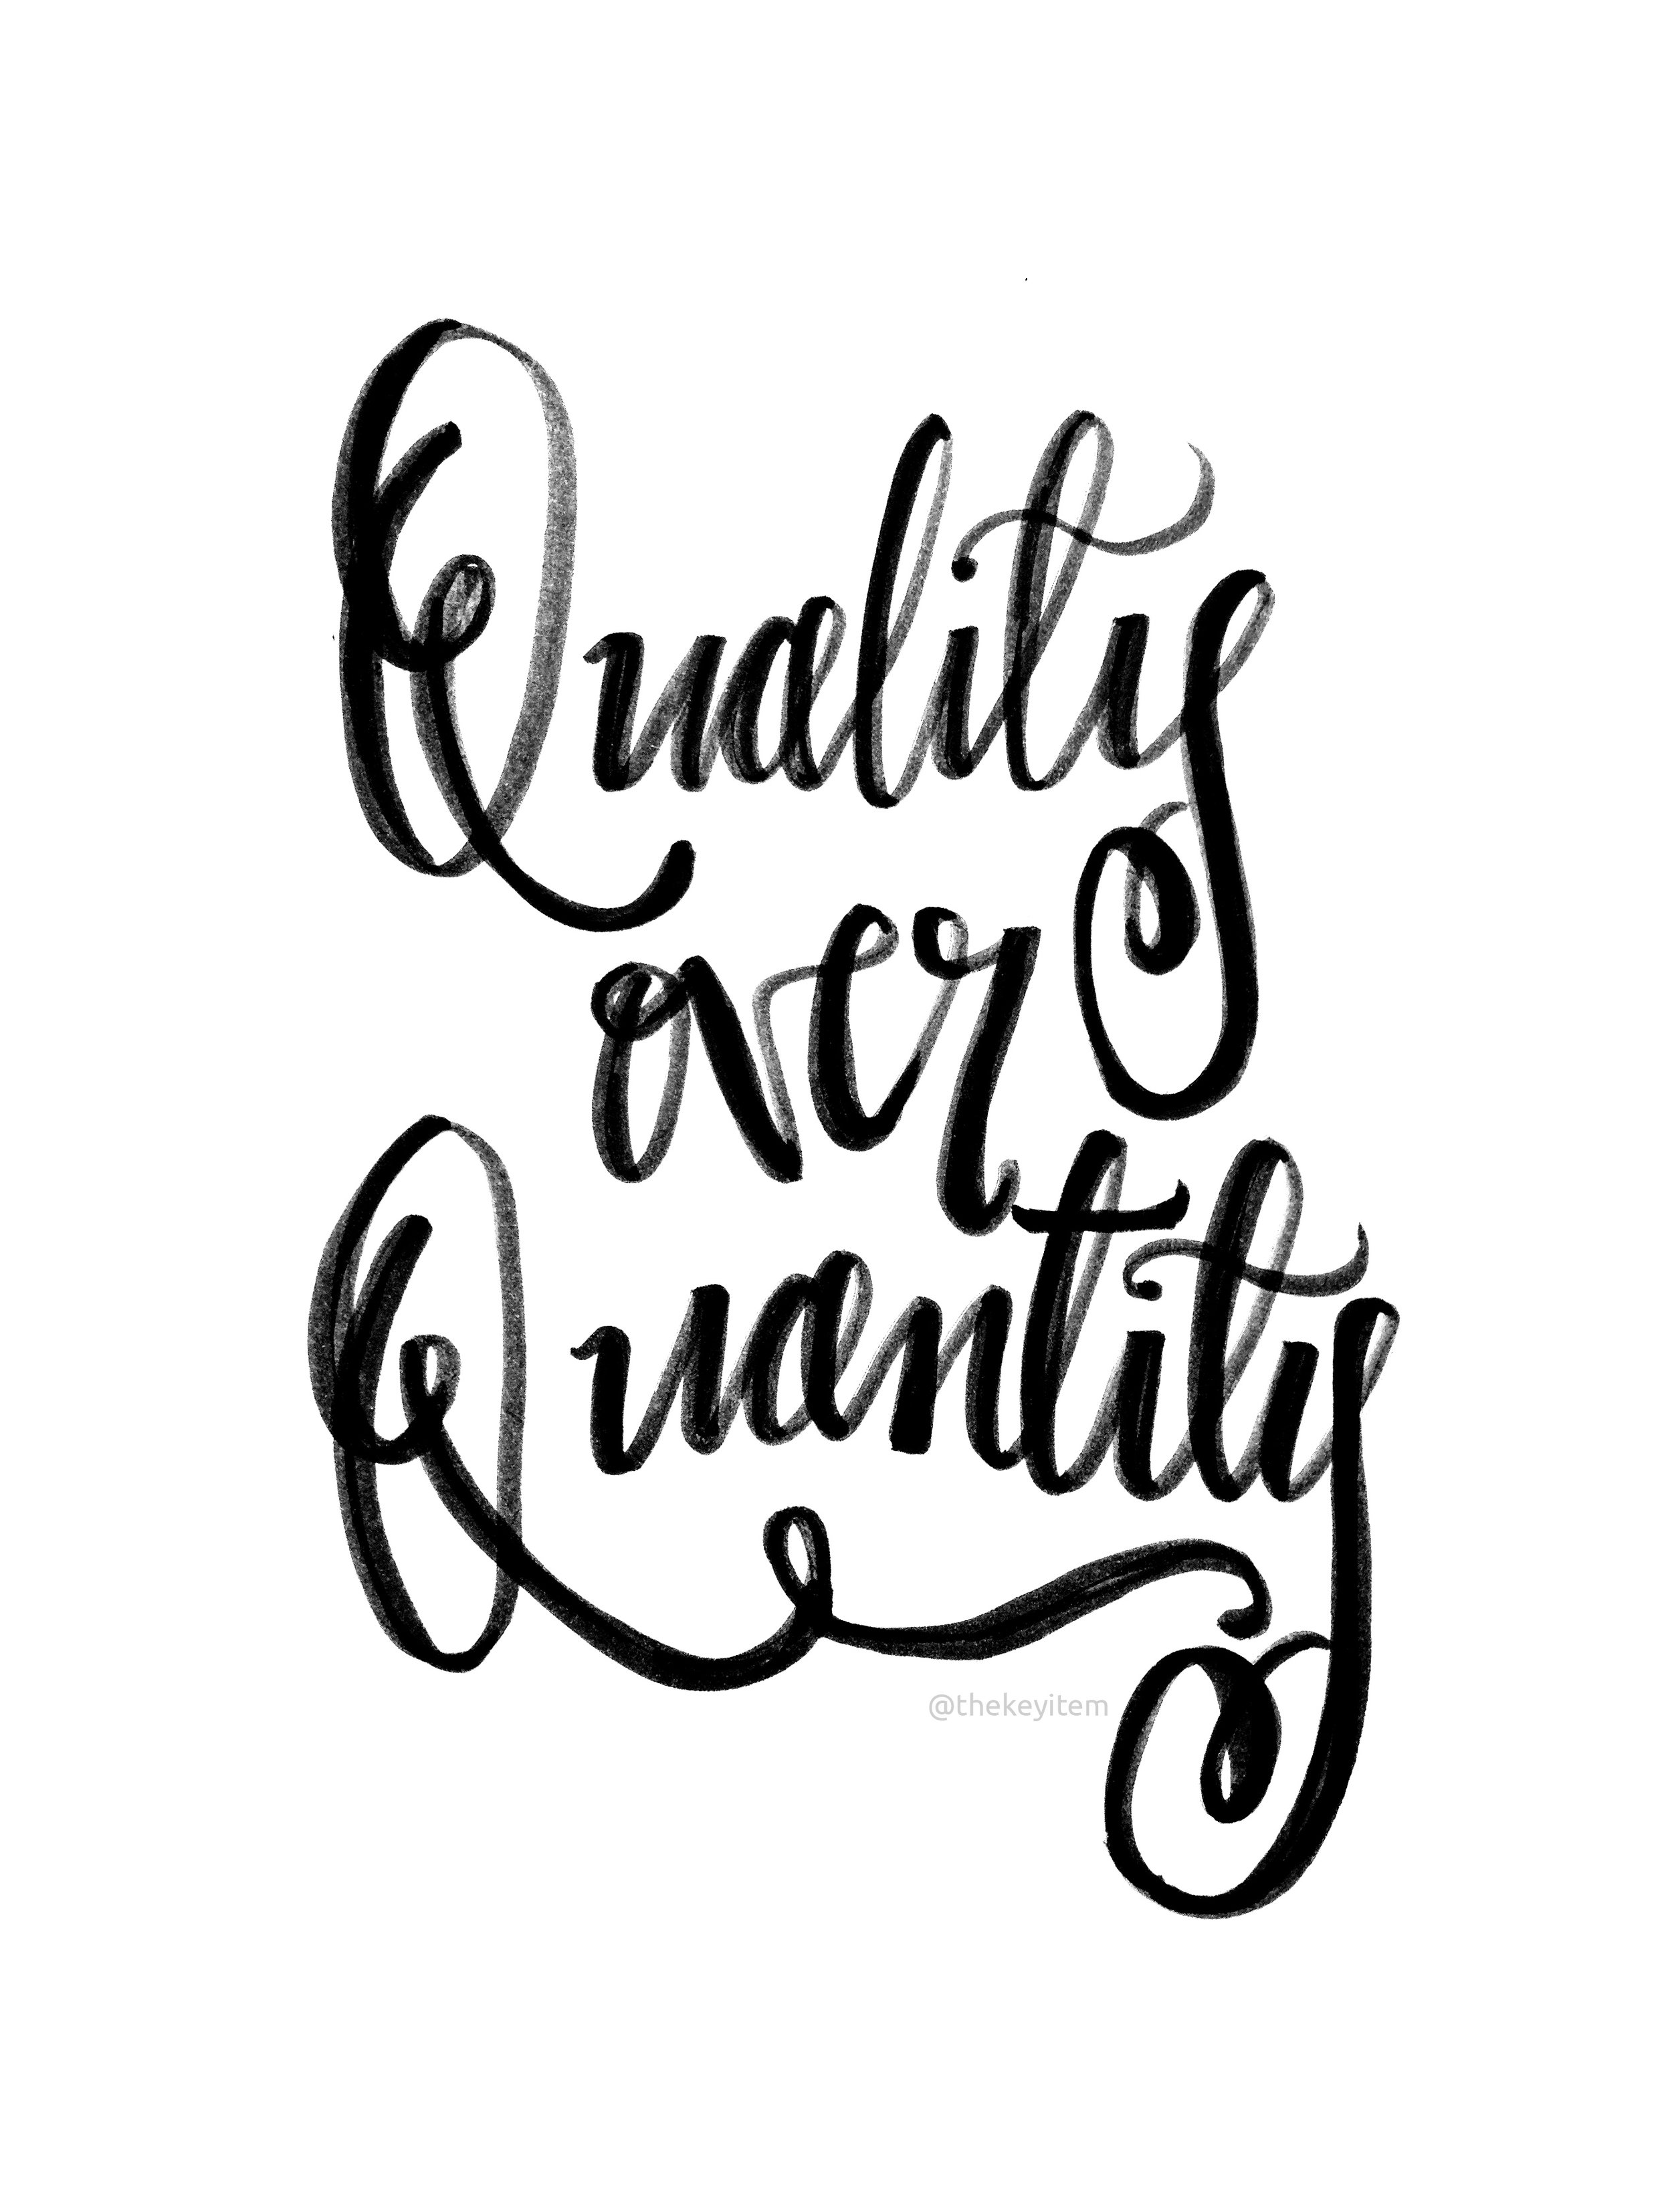 Hoy en dia, estamos enfocado en un número y eso esta mal. ¿Por qué debes parar e iniciar a trabajar por calidad sobre cantidad?